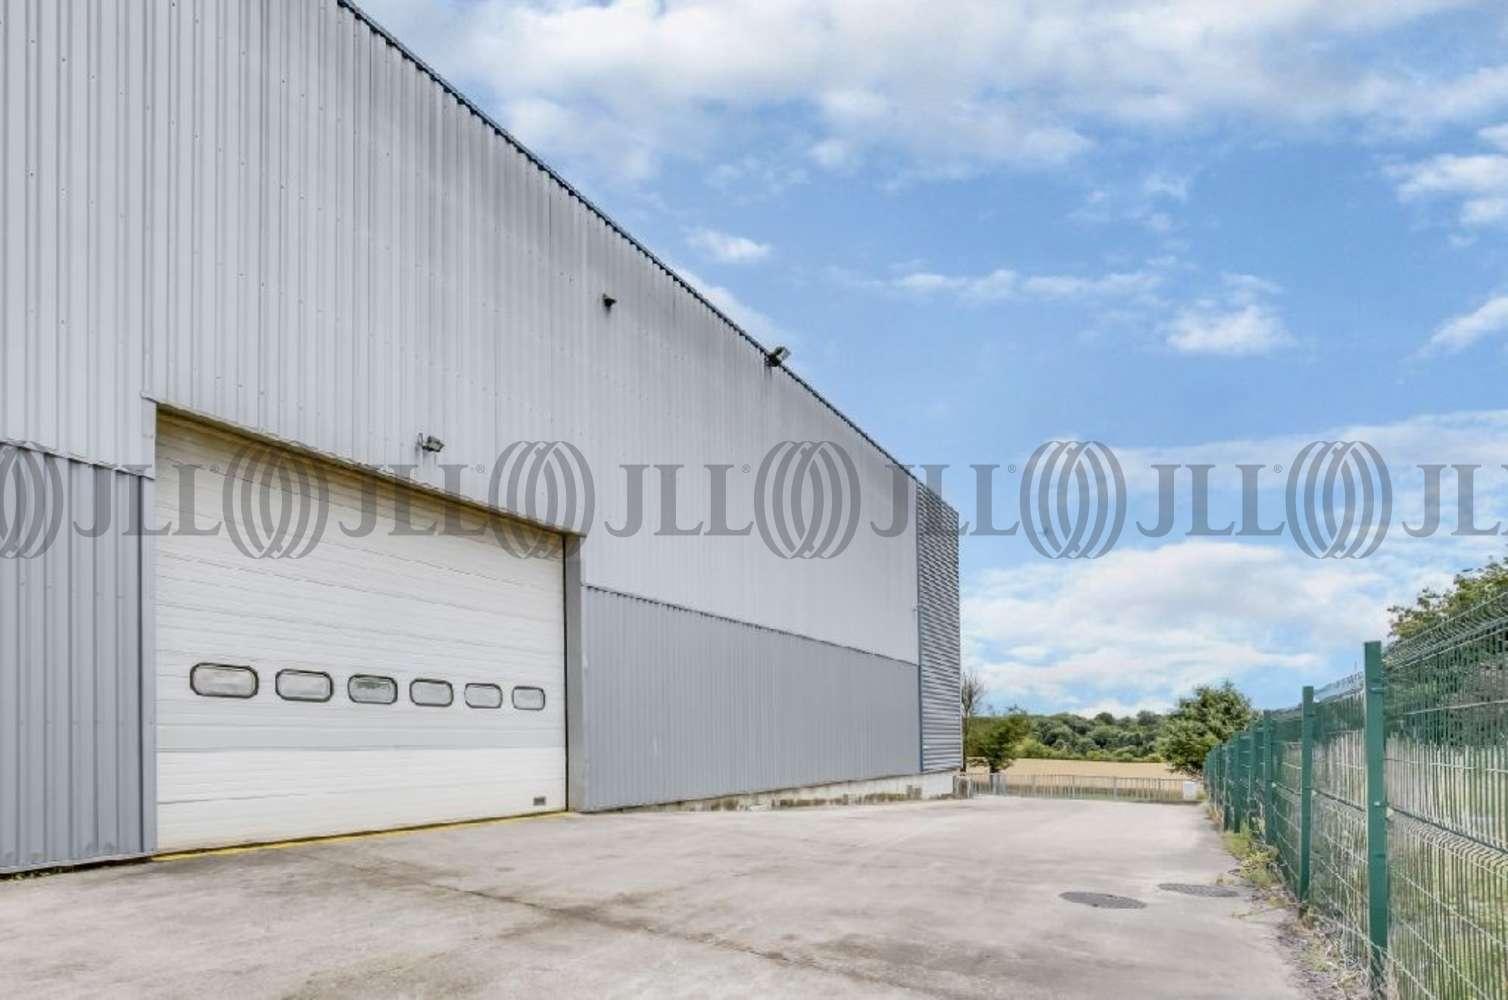 Activités/entrepôt Villeneuve sous dammartin, 77230 - 8 RUE DES ACACIAS - 9465547